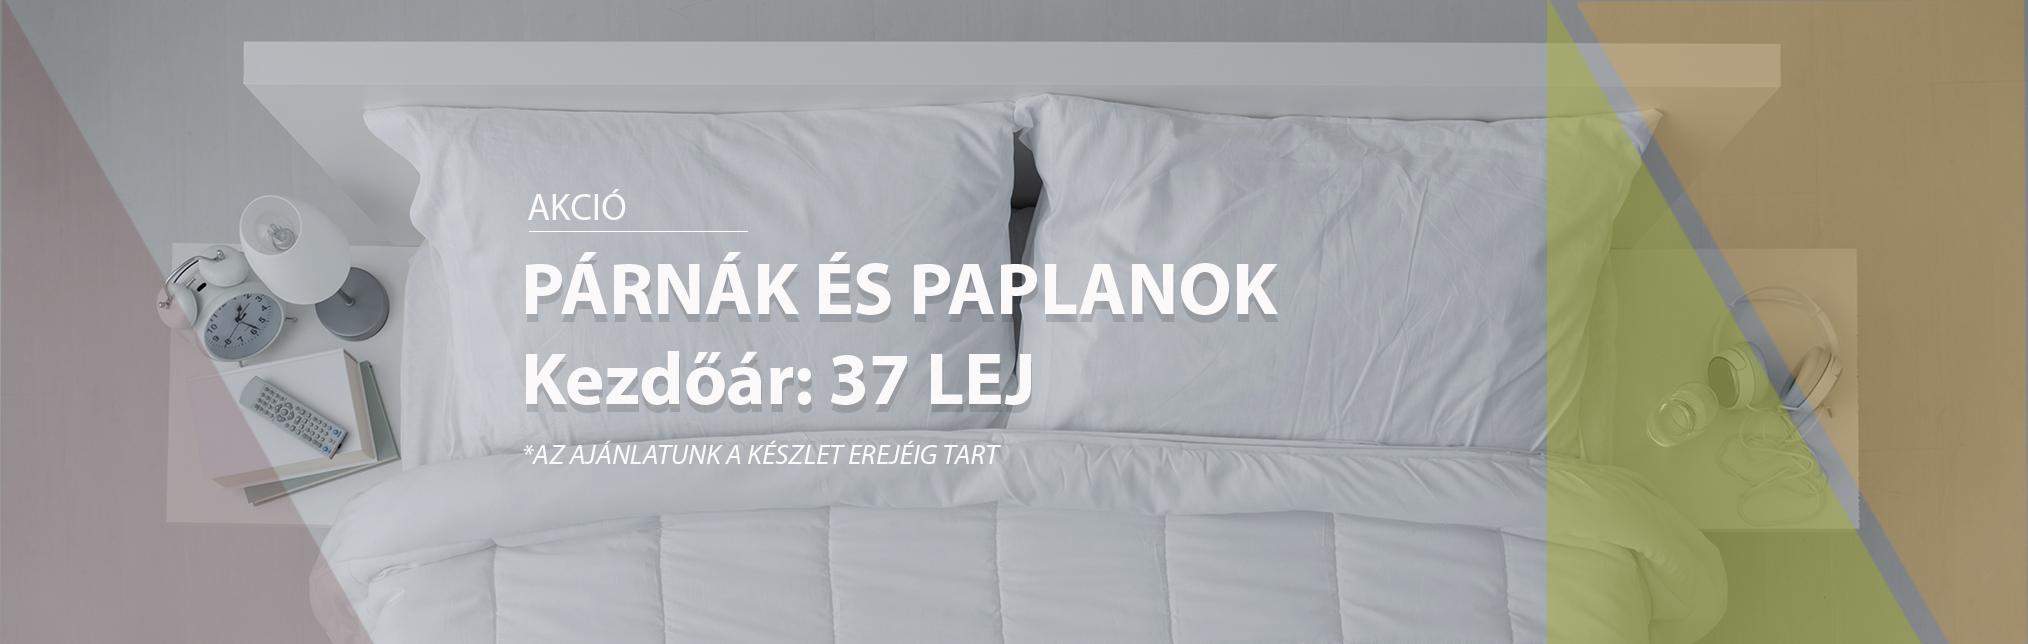 PÁRNÁK ÉS PAPLANOK - AKCIÓ Kezdőár 37 LEJ